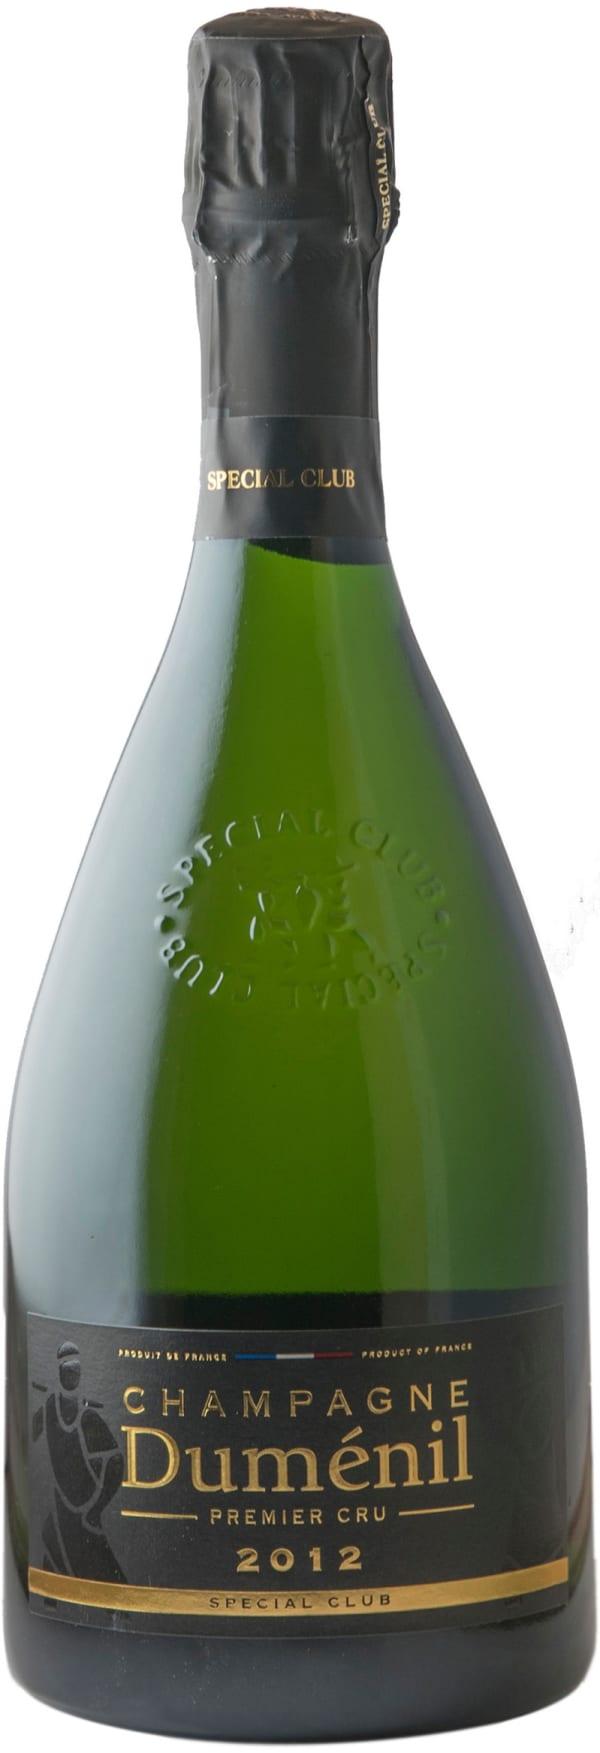 Duménil Special Club Premier Cru Champagne Brut 2012